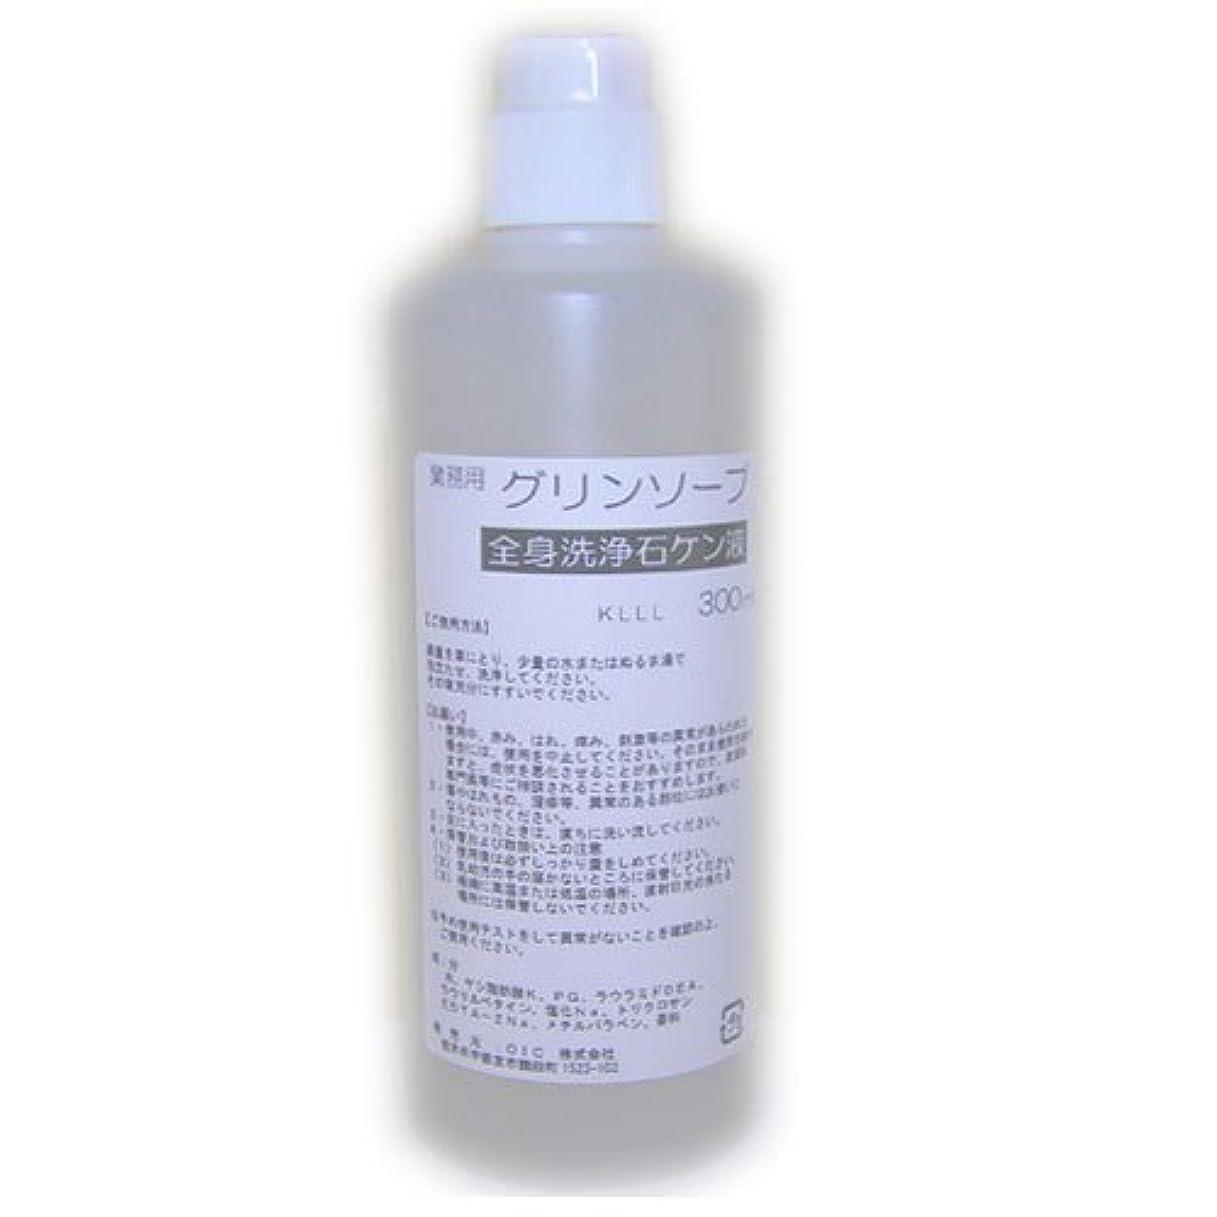 ためらう塊物理的に業務用ボディソープ 殺菌成分配合?消毒石鹸液 グリンソープ (300ml (2本セット))